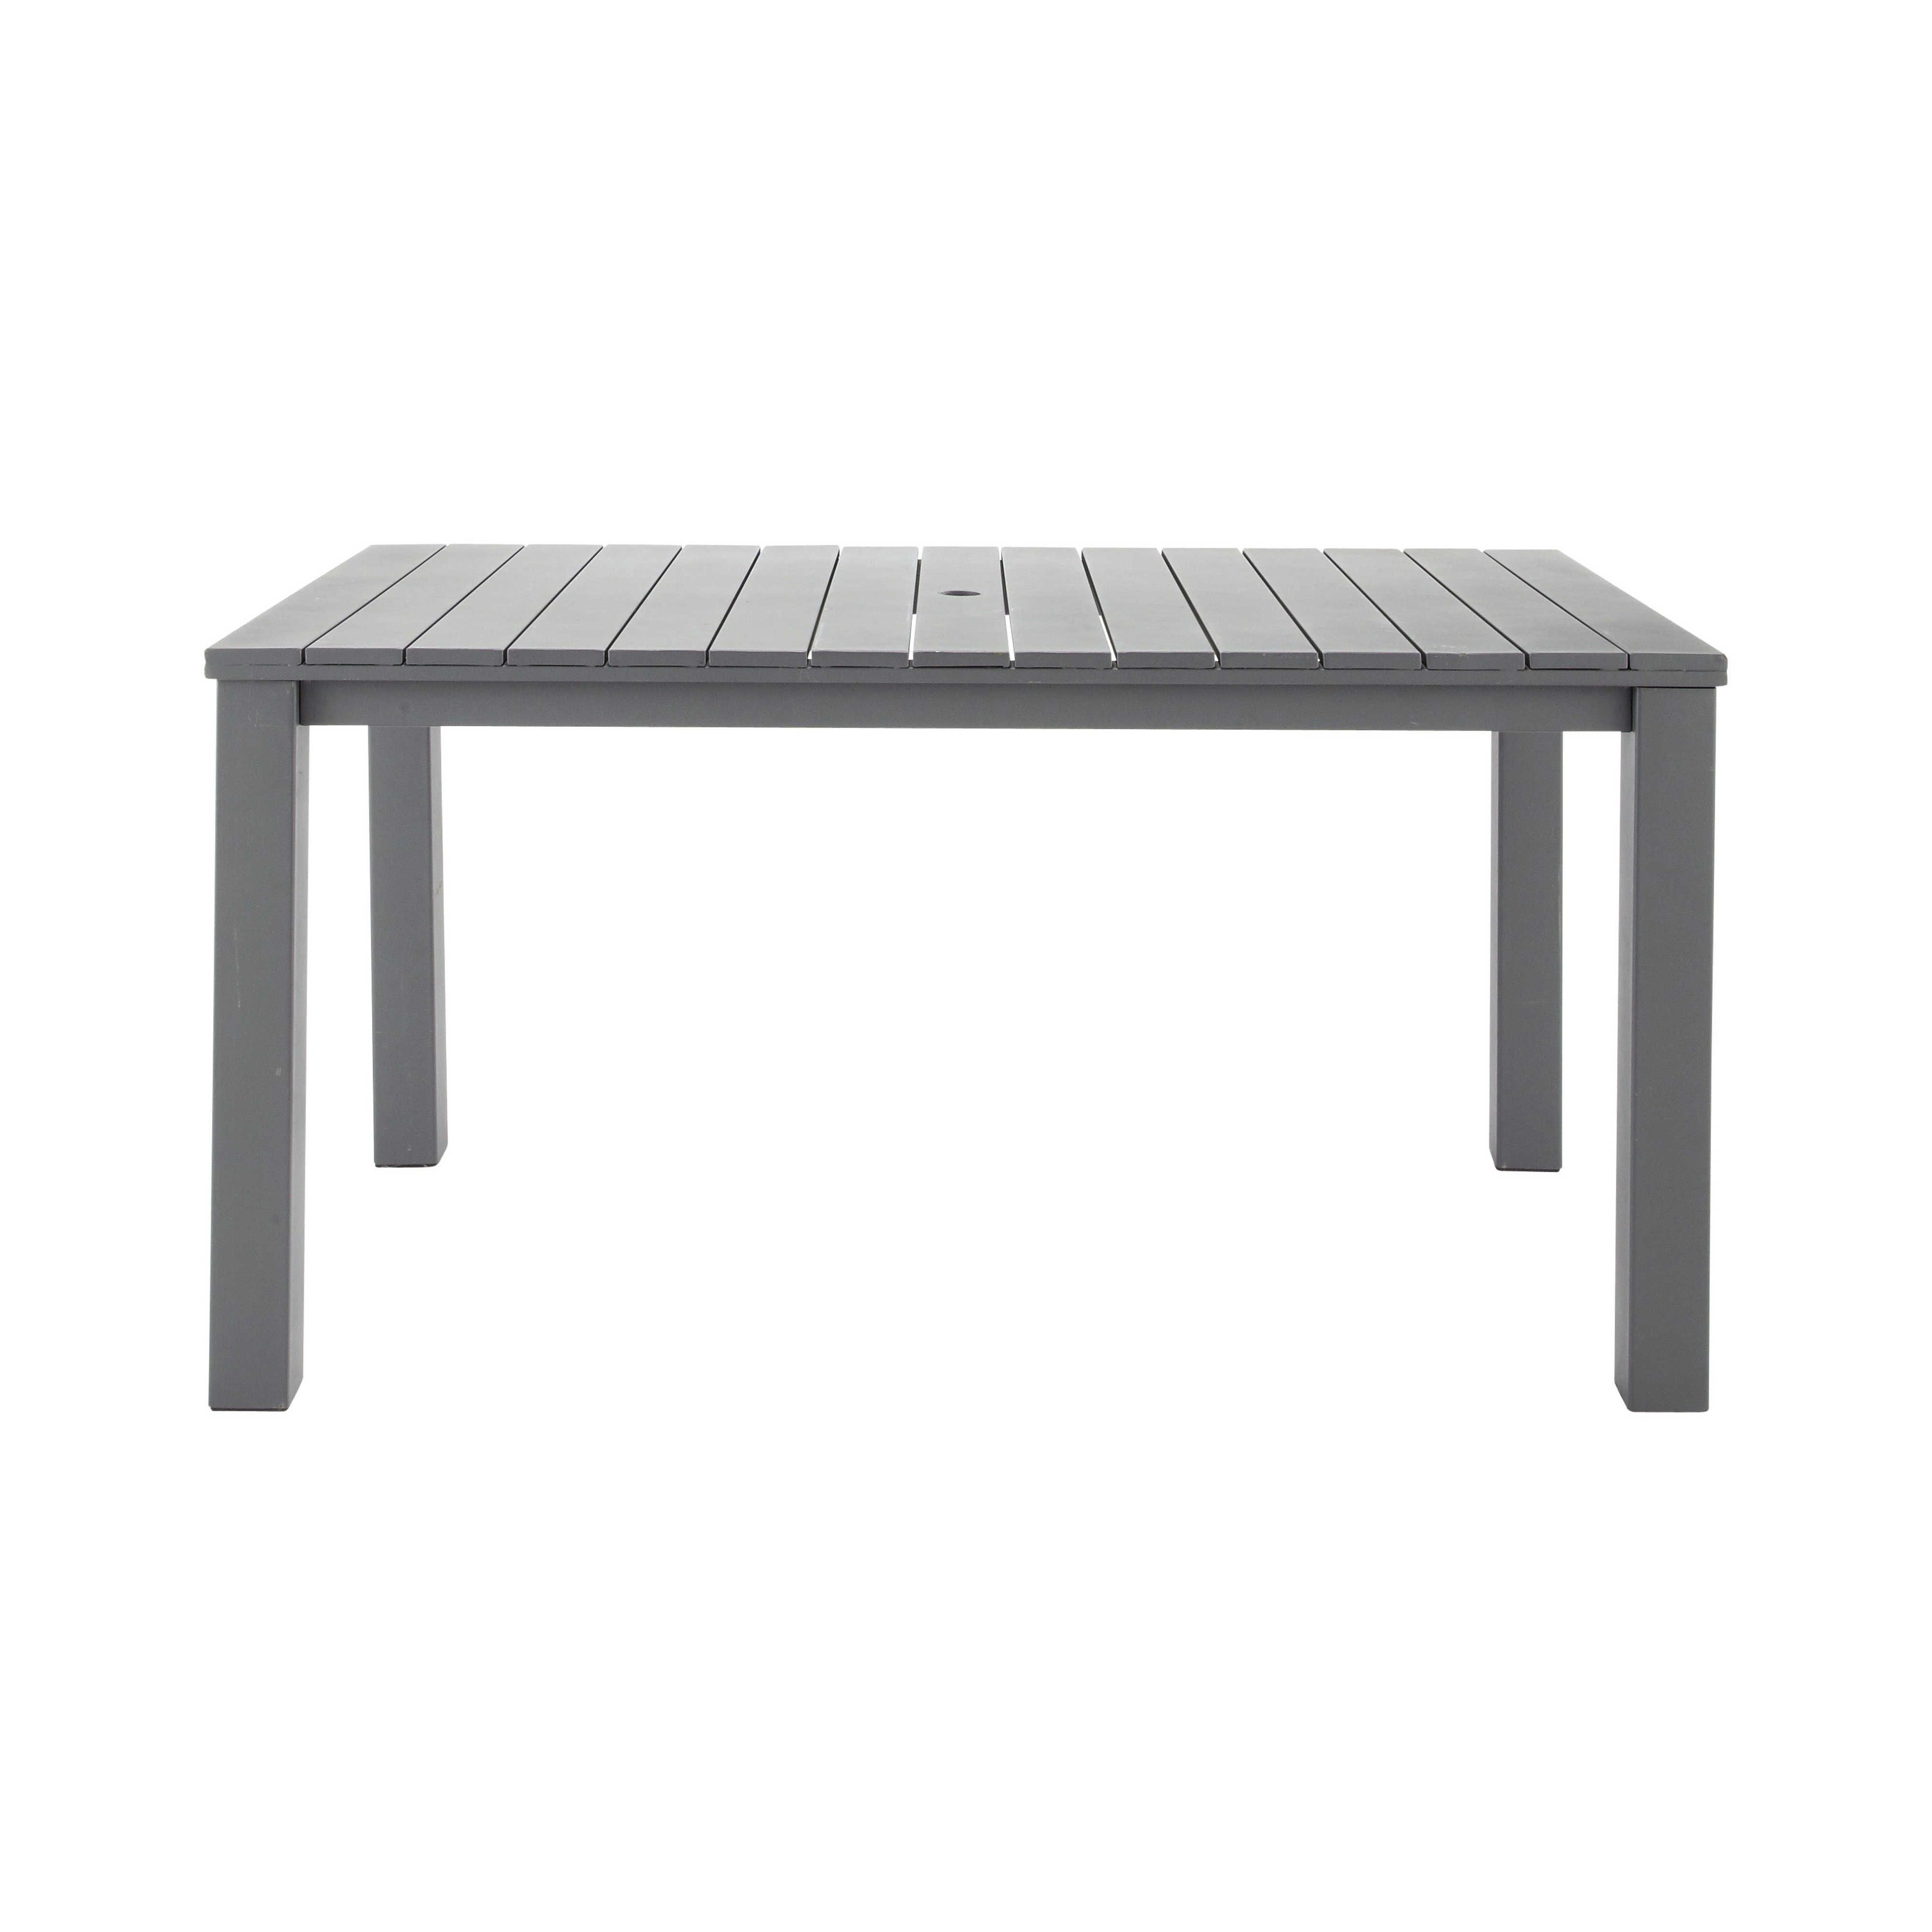 mesa para el jardín de metal gris pizarra an. 150 cm - la ciotat